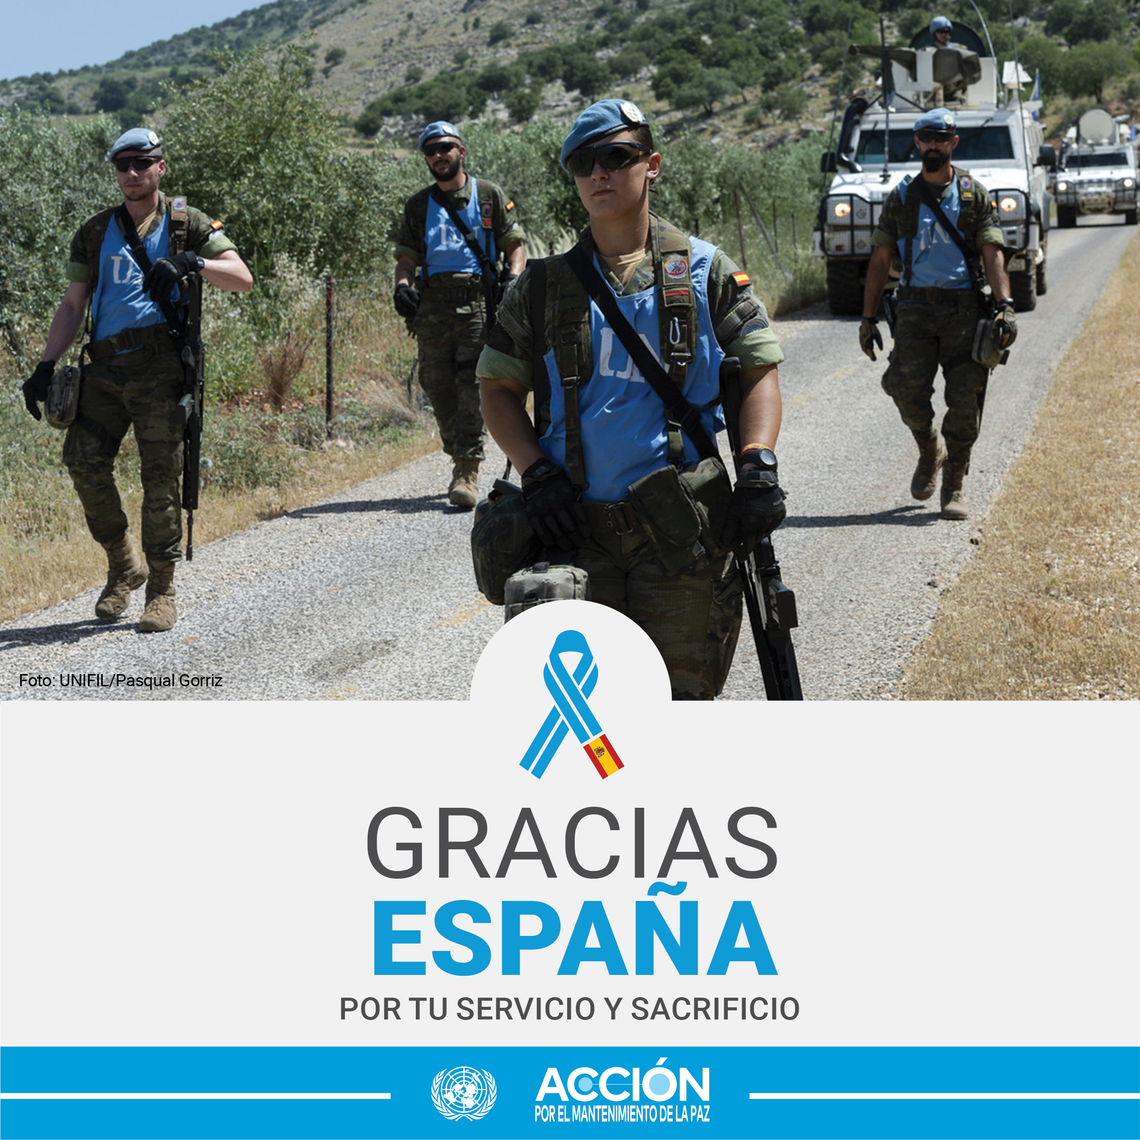 Tarjeta con una casco azul (en primer plano)  y algunos compañeros de España y el texto: Gracias, España, por tu servicio y sacrificio.